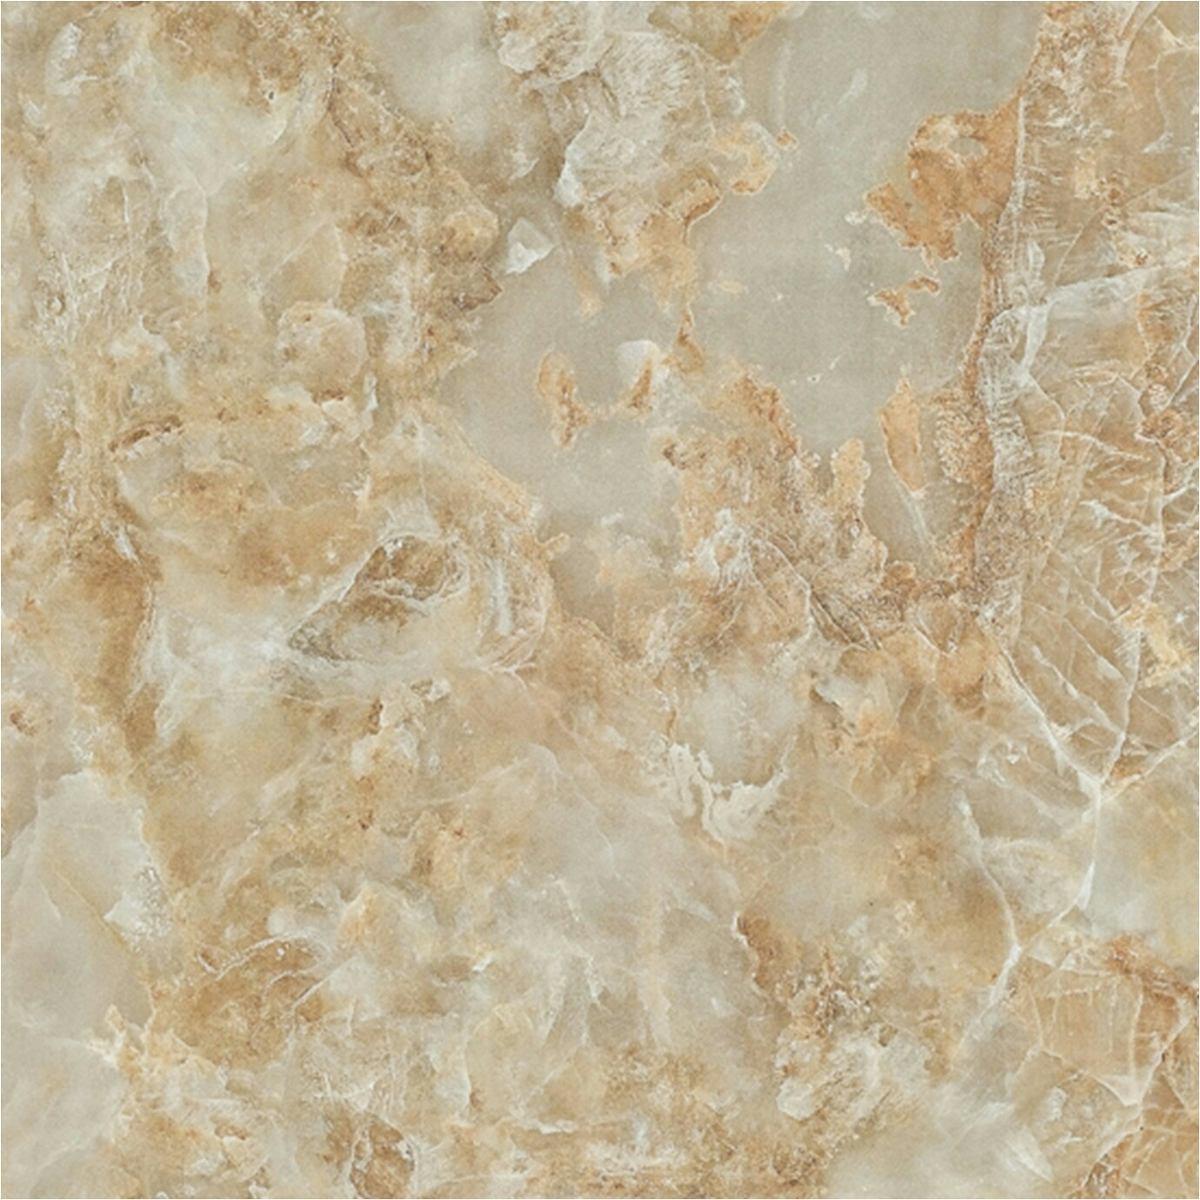 Porcelanato tipo marmol bs en mercado libre for Porcelanato color marmol